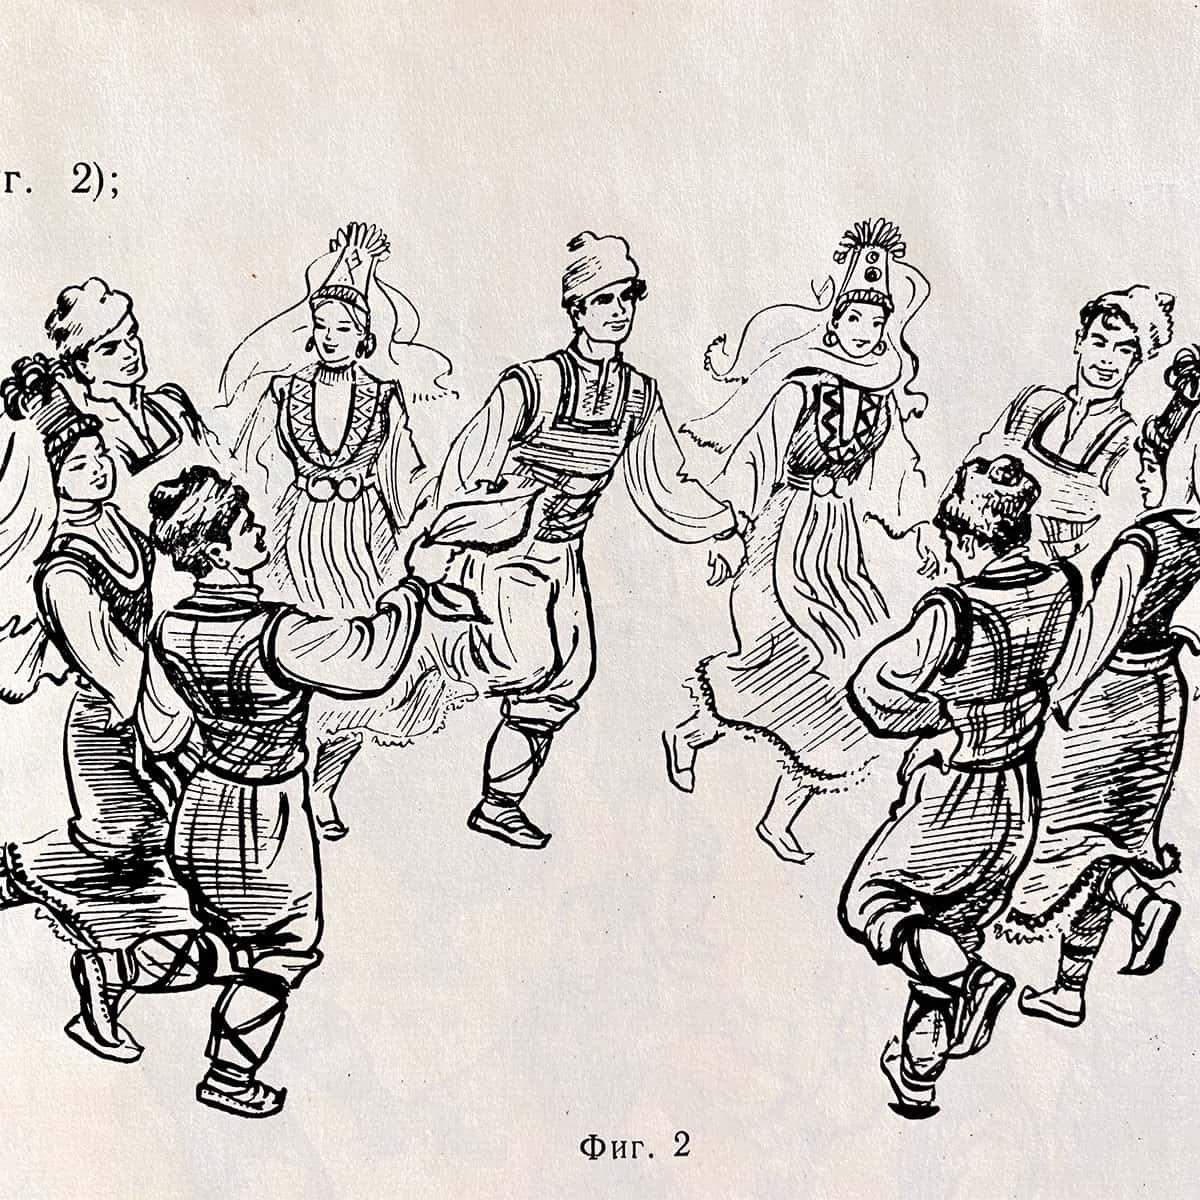 танцуване на Еленино хоро - фигура 2